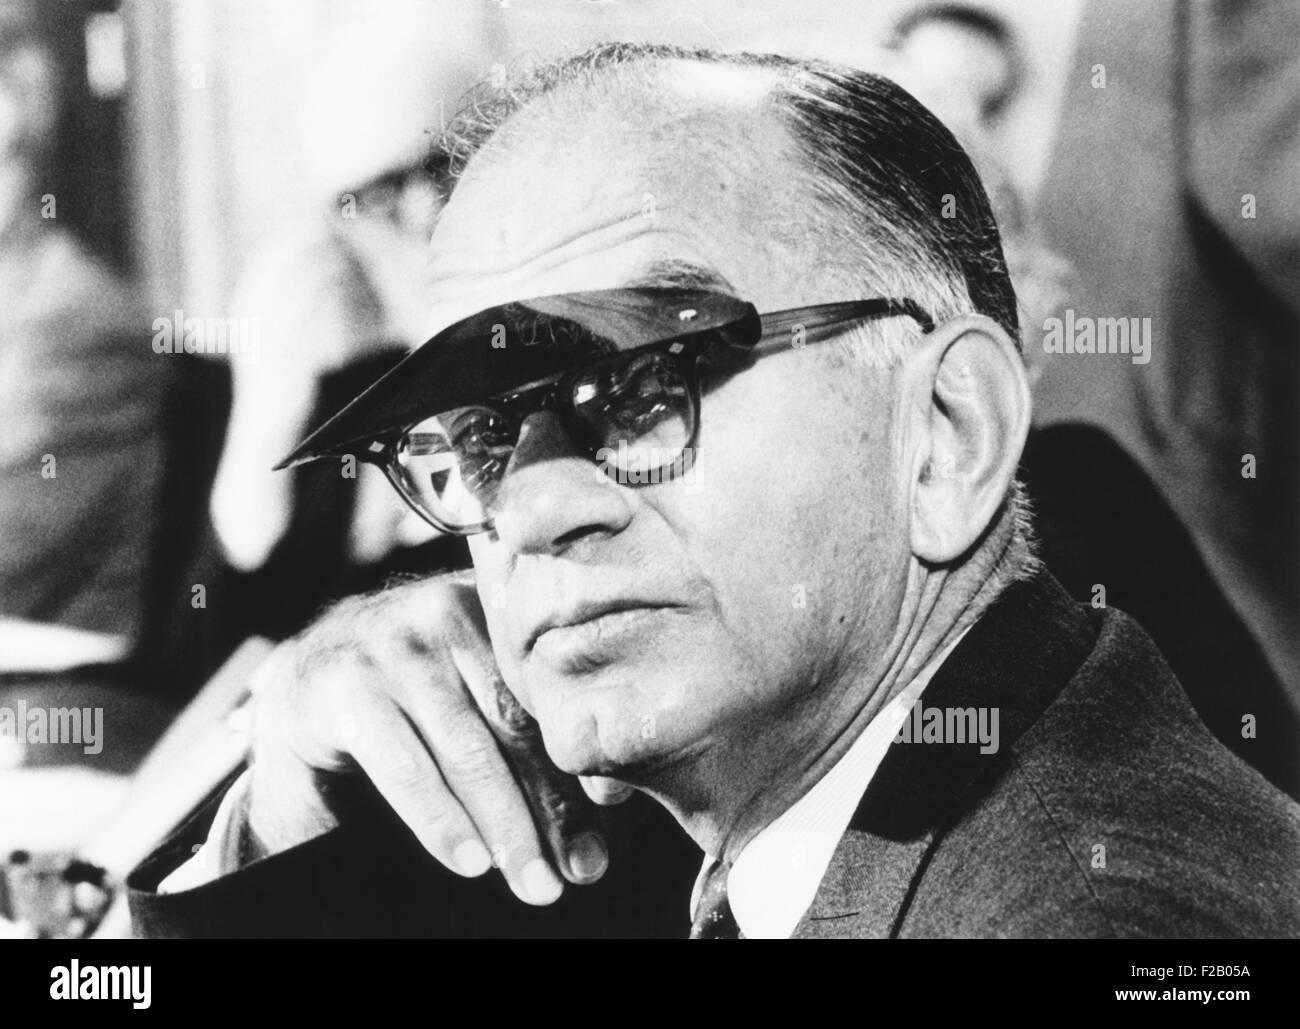 Le sénateur J. William Fulbright porte un pare-soleil pour protéger ses yeux contre les feux. Le 11 mars, Photo Stock